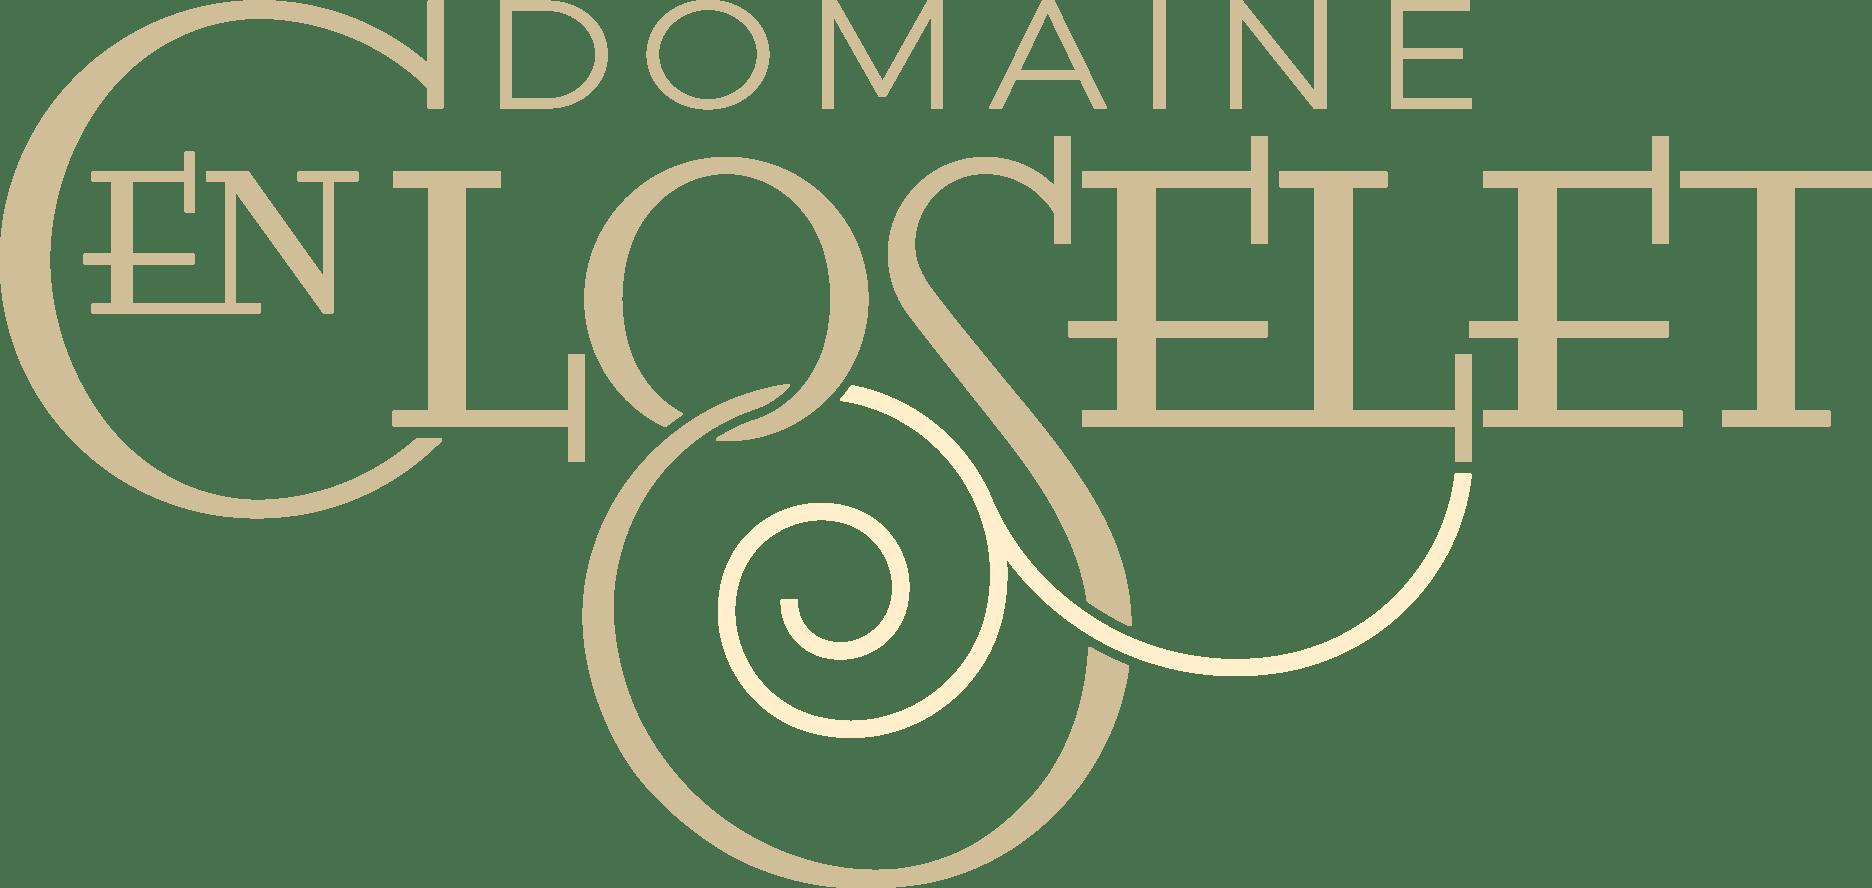 En Closelet – Domaine Viticole